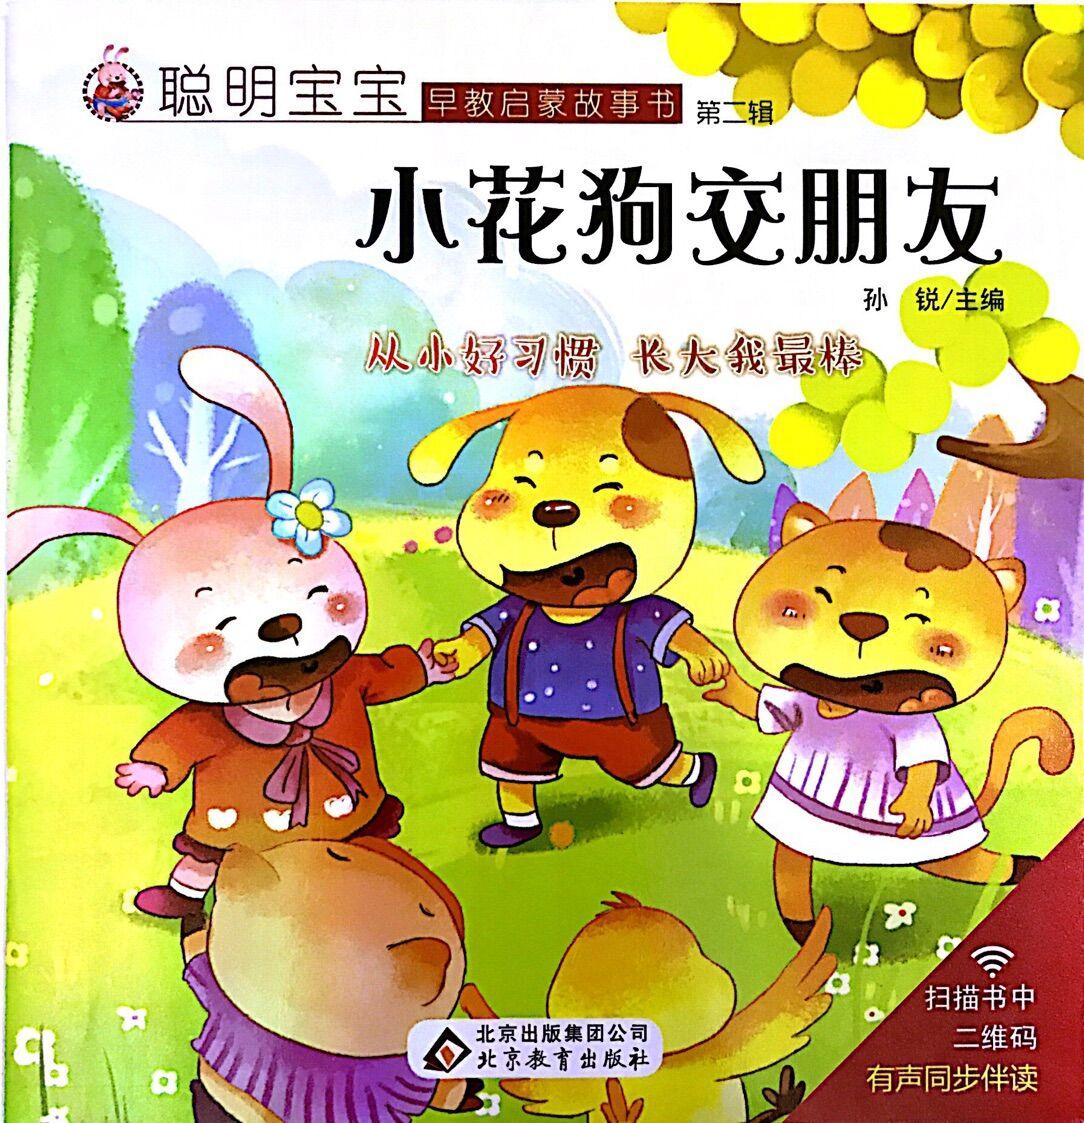 聪明宝宝早教启蒙故事书第二辑:小花狗交朋友